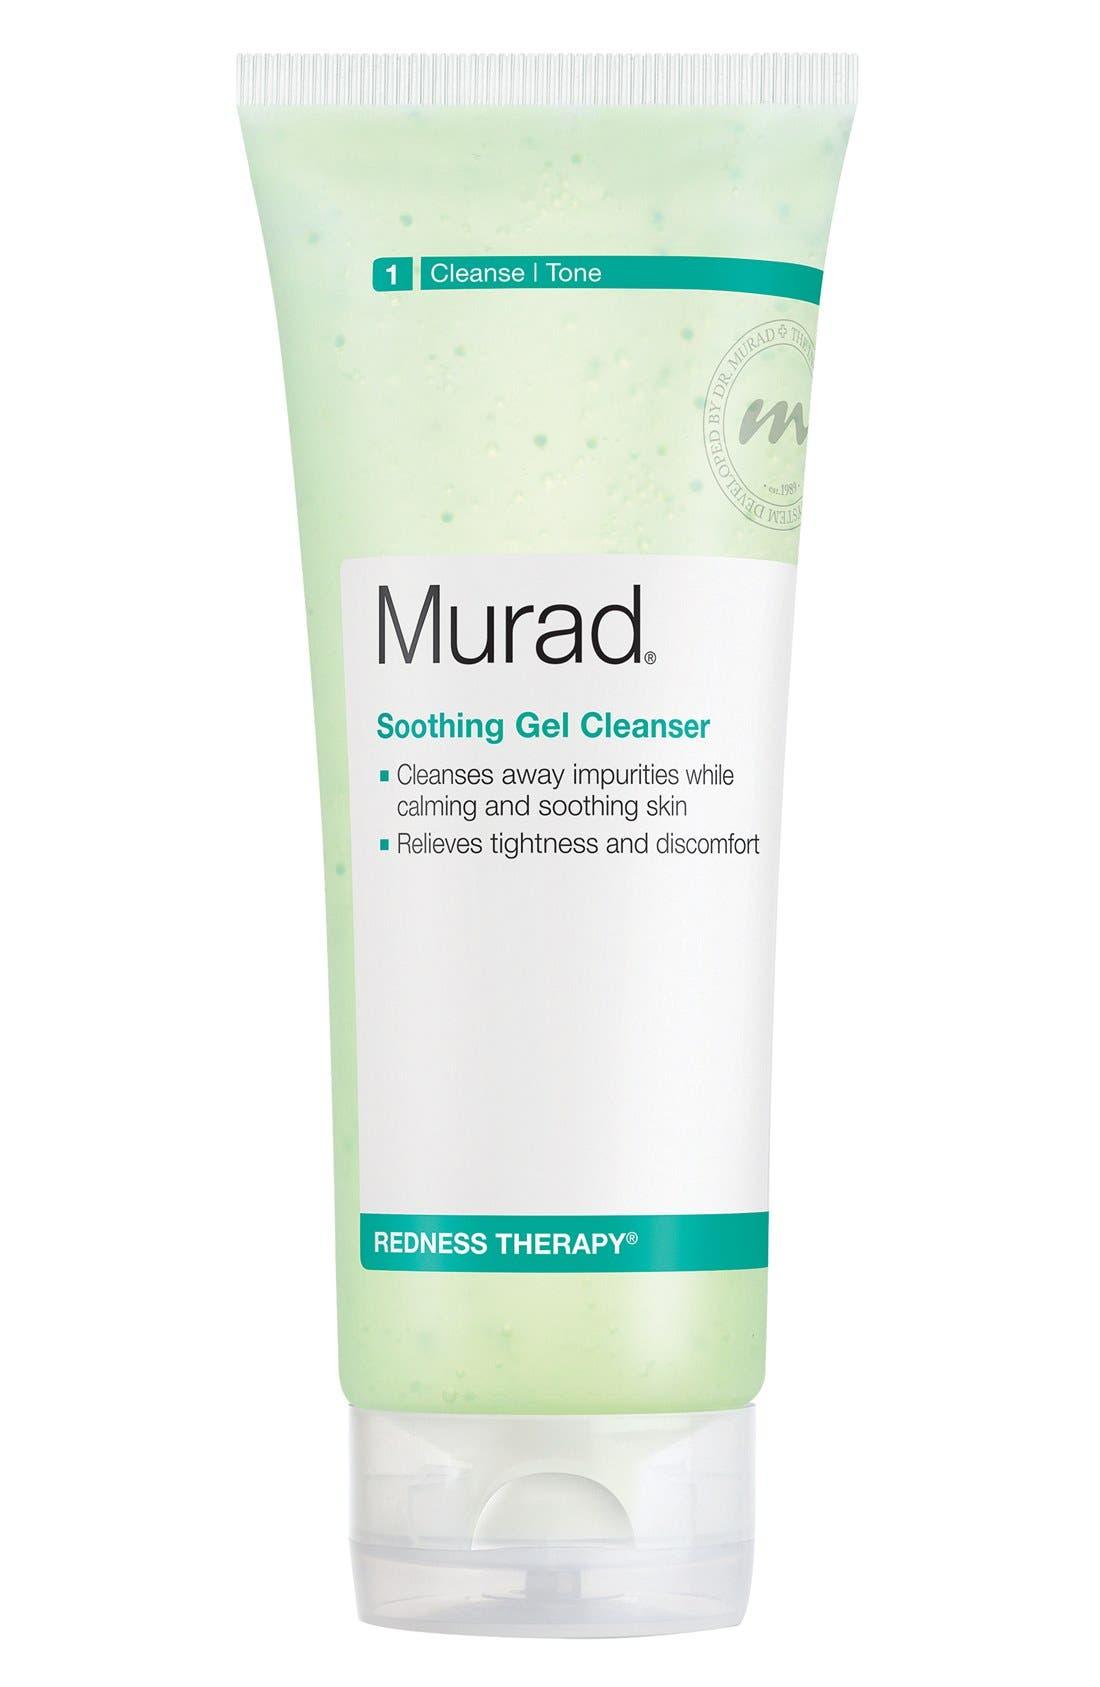 Murad® Soothing Gel Cleanser